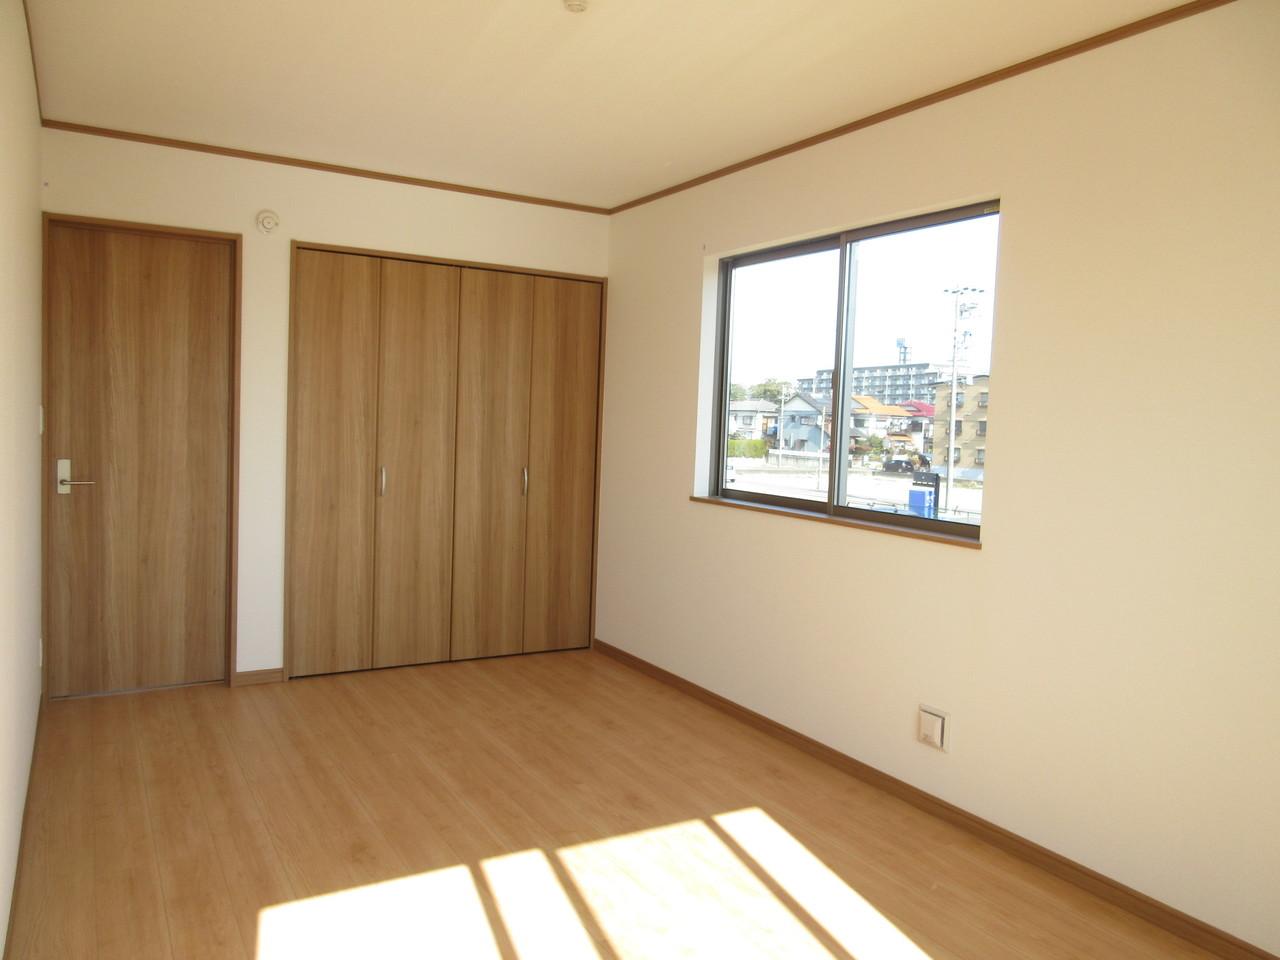 2階は洋室が4部屋ございますので様々な用途でお使いいただけます。主寝室、お子さま部屋、趣味部屋など何に使おうか考えるのも楽しいですよね(^^)